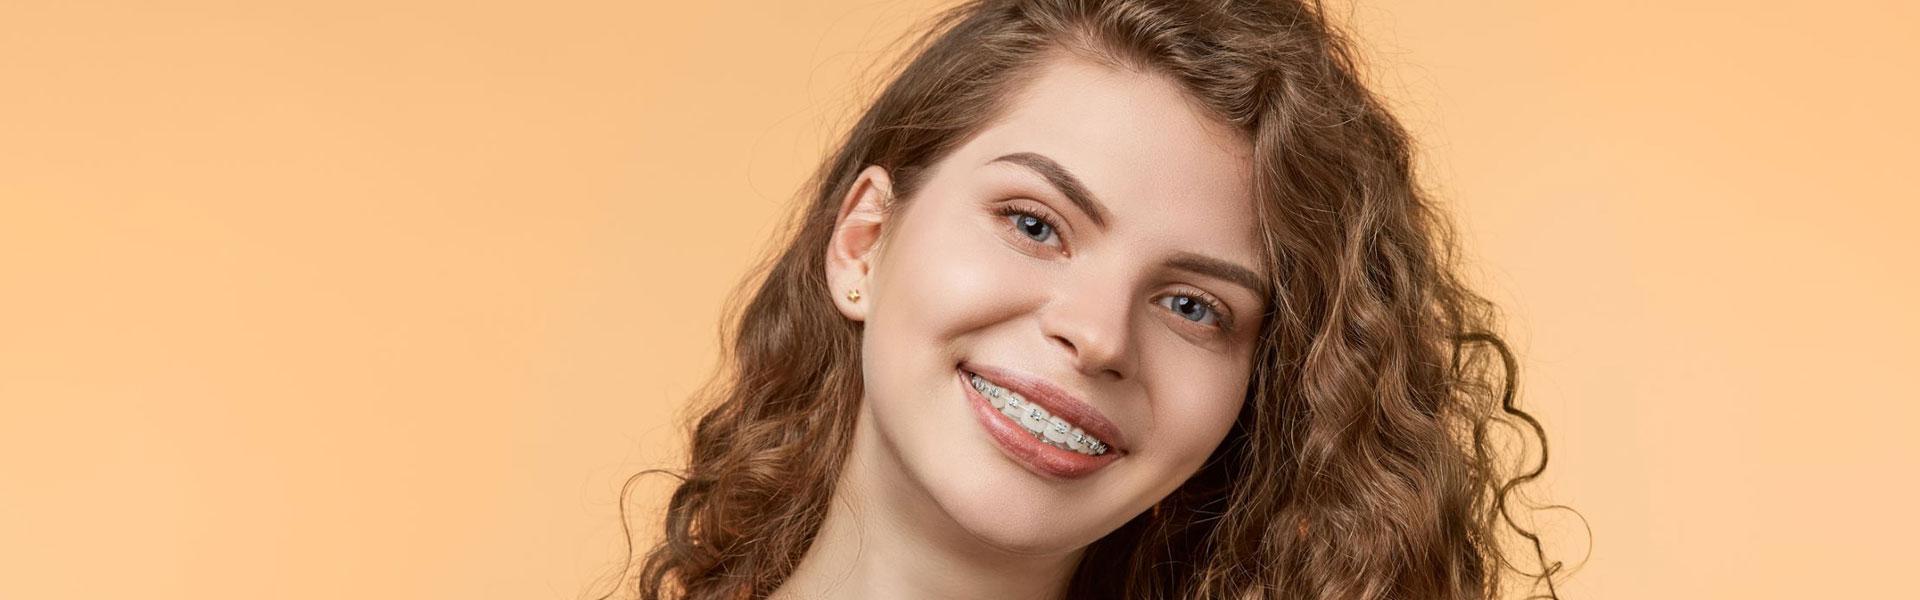 Teeth Braces in Etobicoke, ON